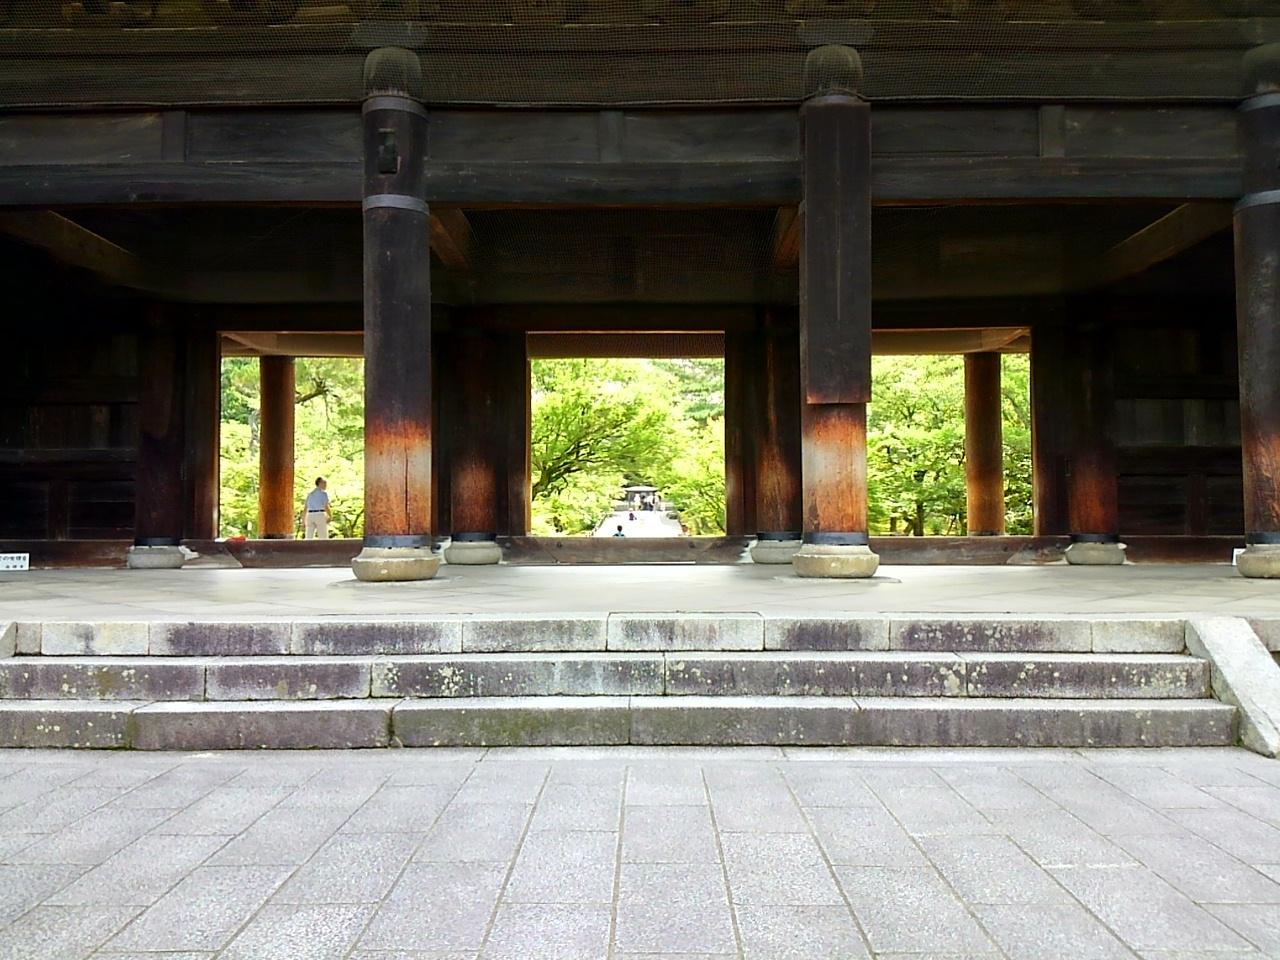 京都B級グルメ&カフェめぐり 1日目_d0083442_20063215.jpg